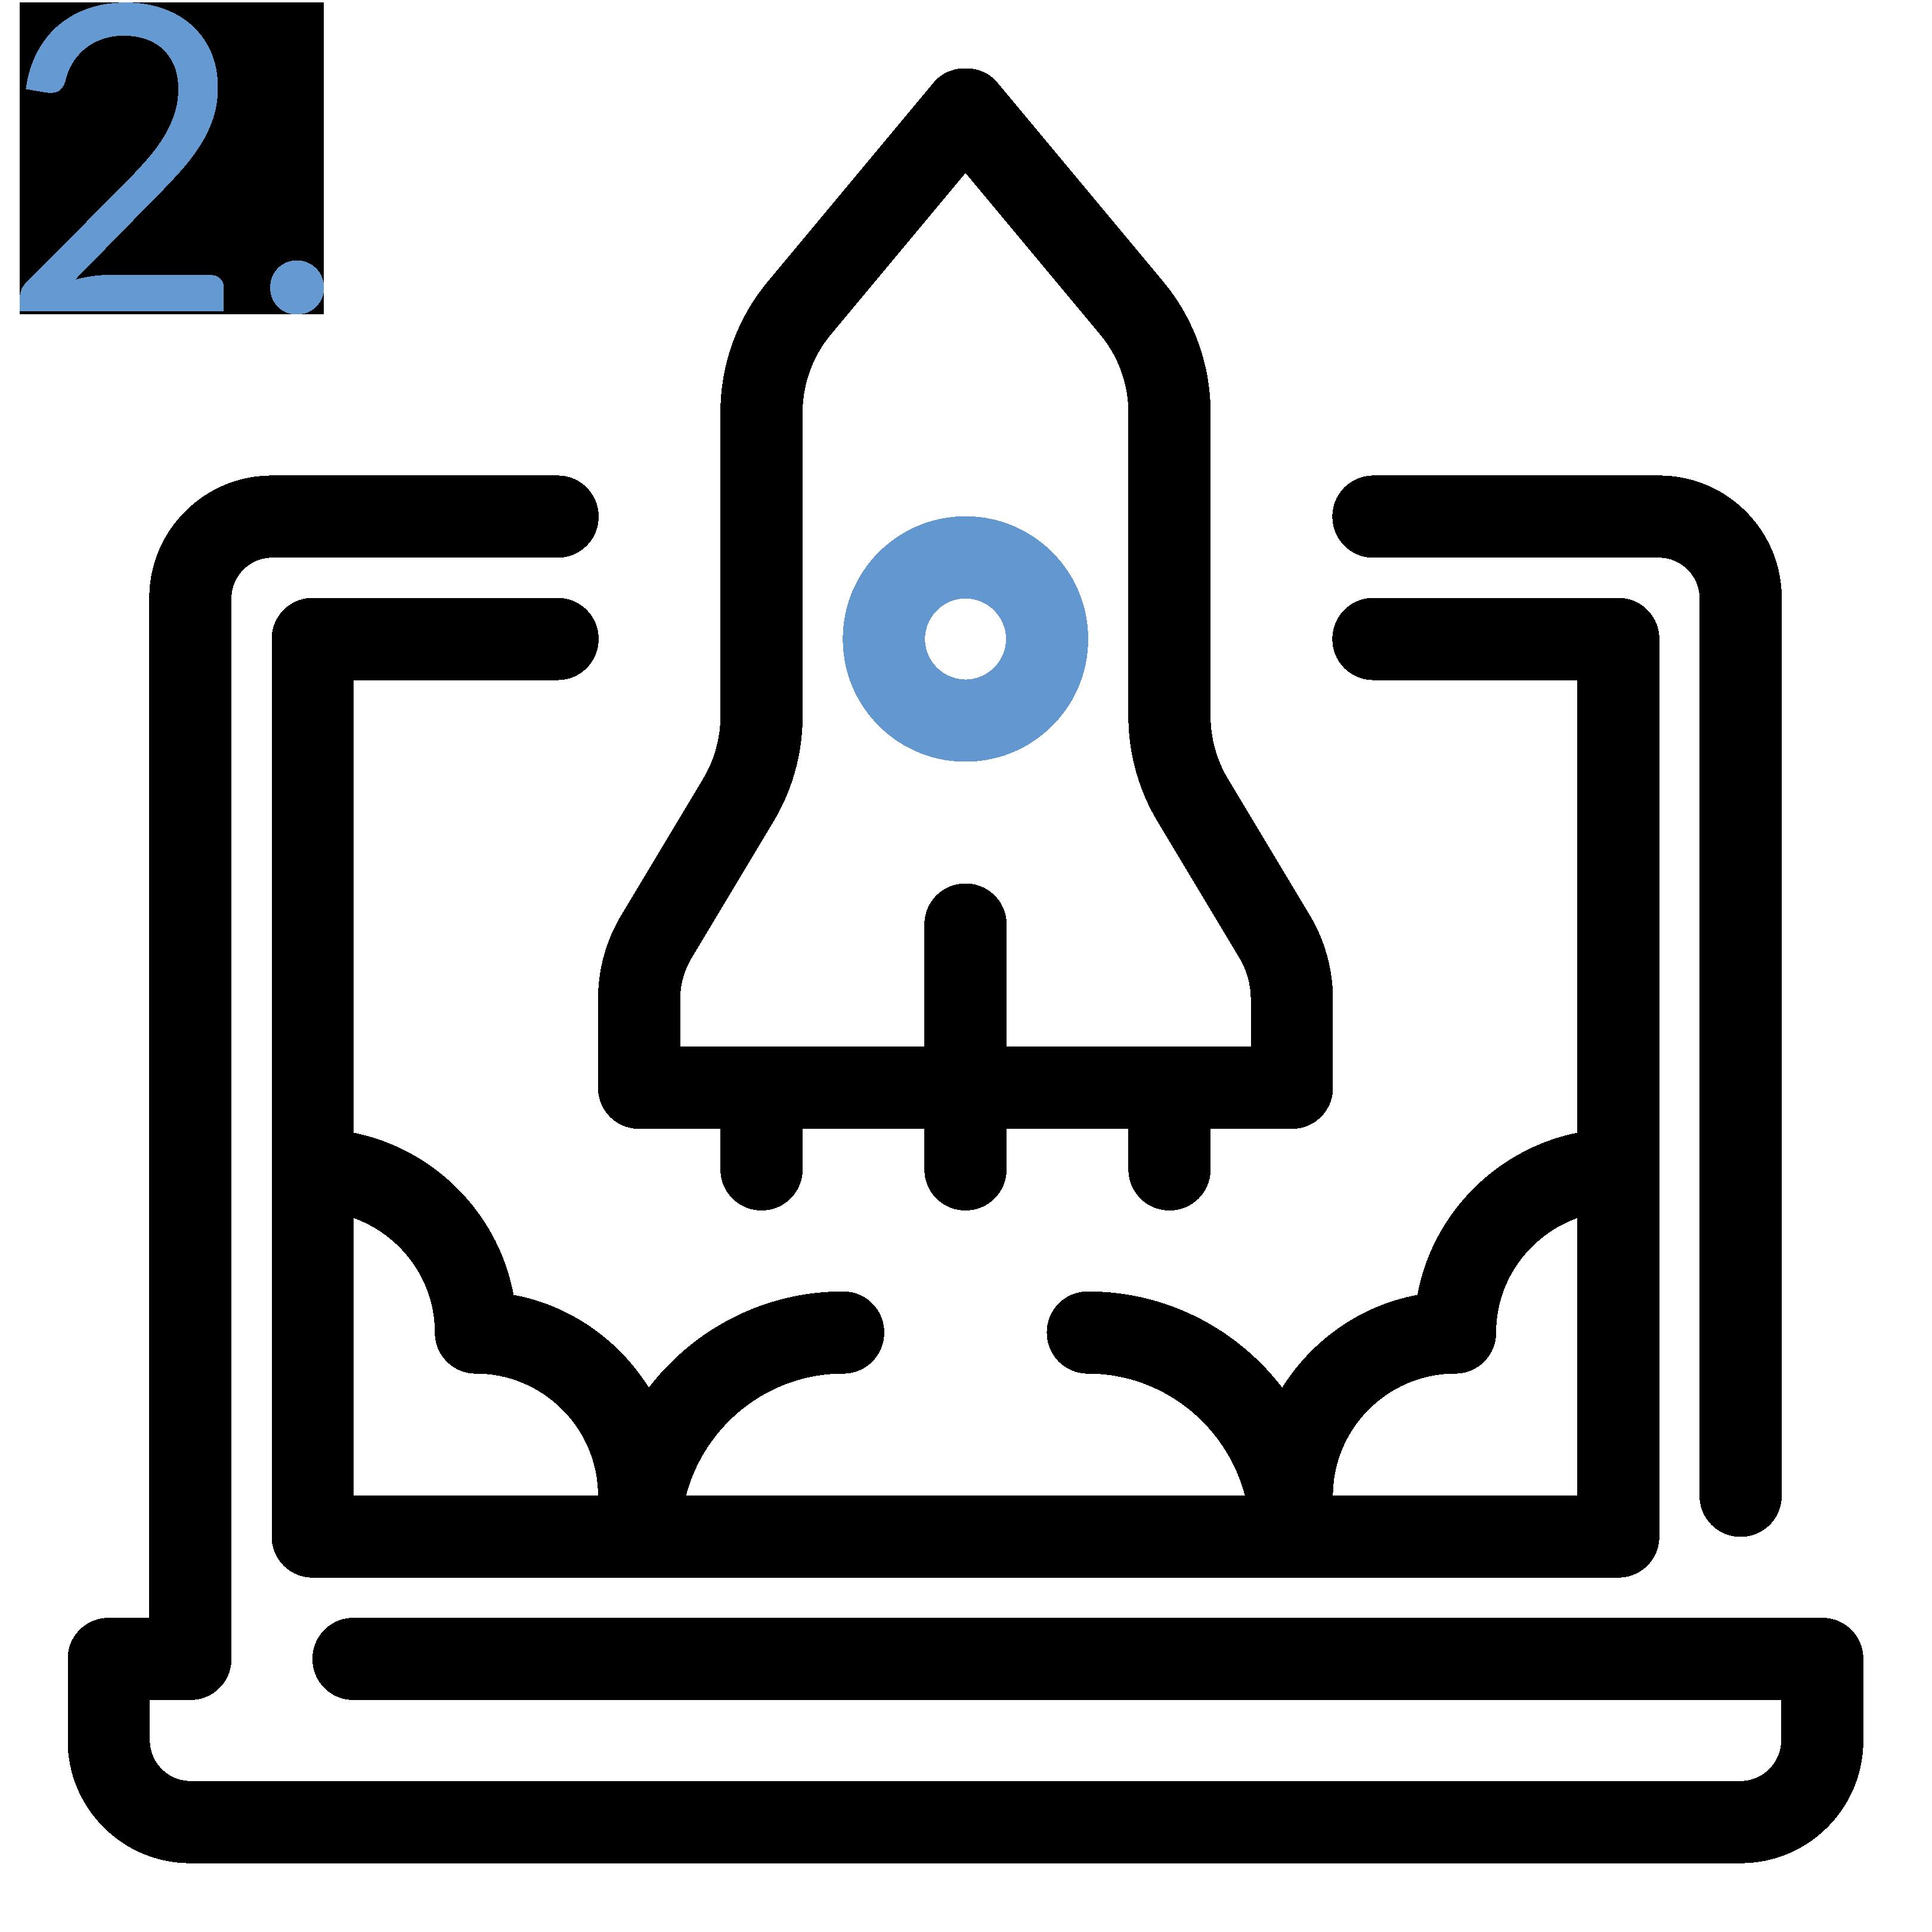 Asset 9-2